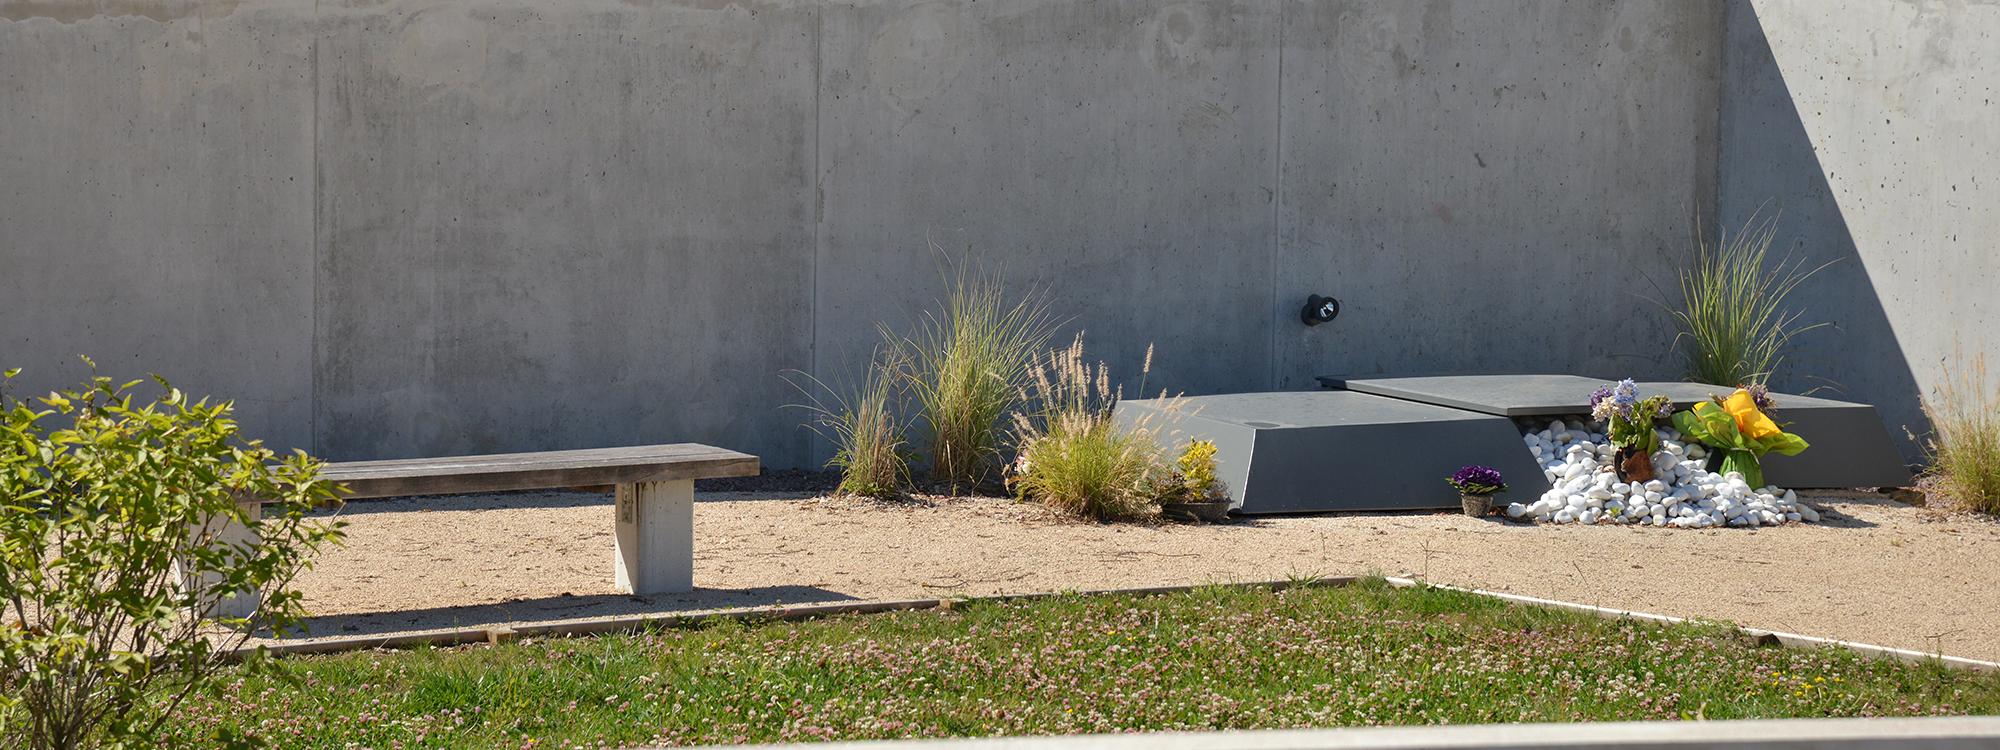 saison-crematorium-auxois